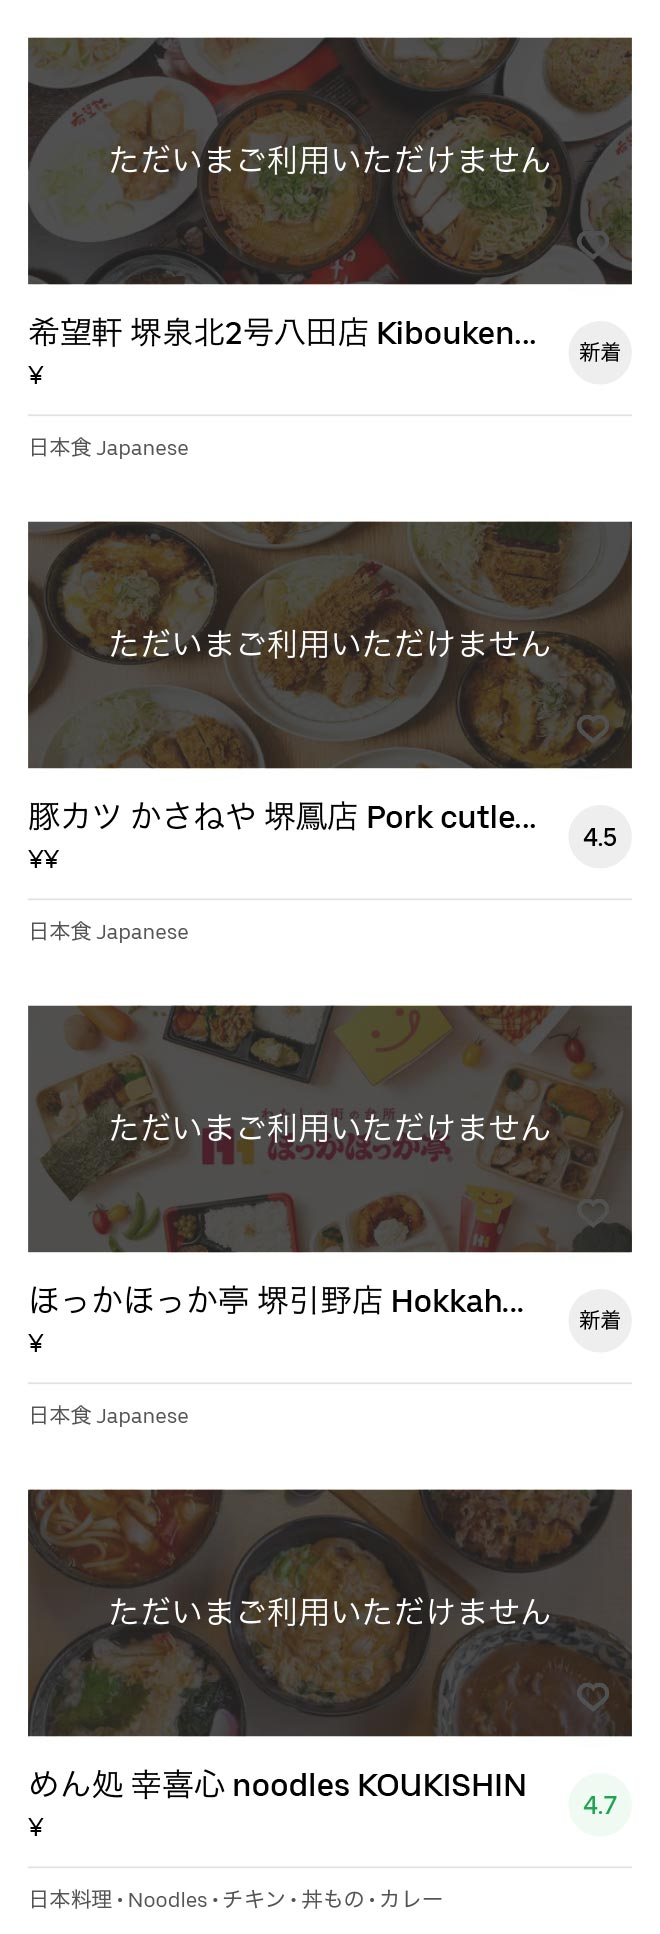 Sakai fukai menu 2005 06